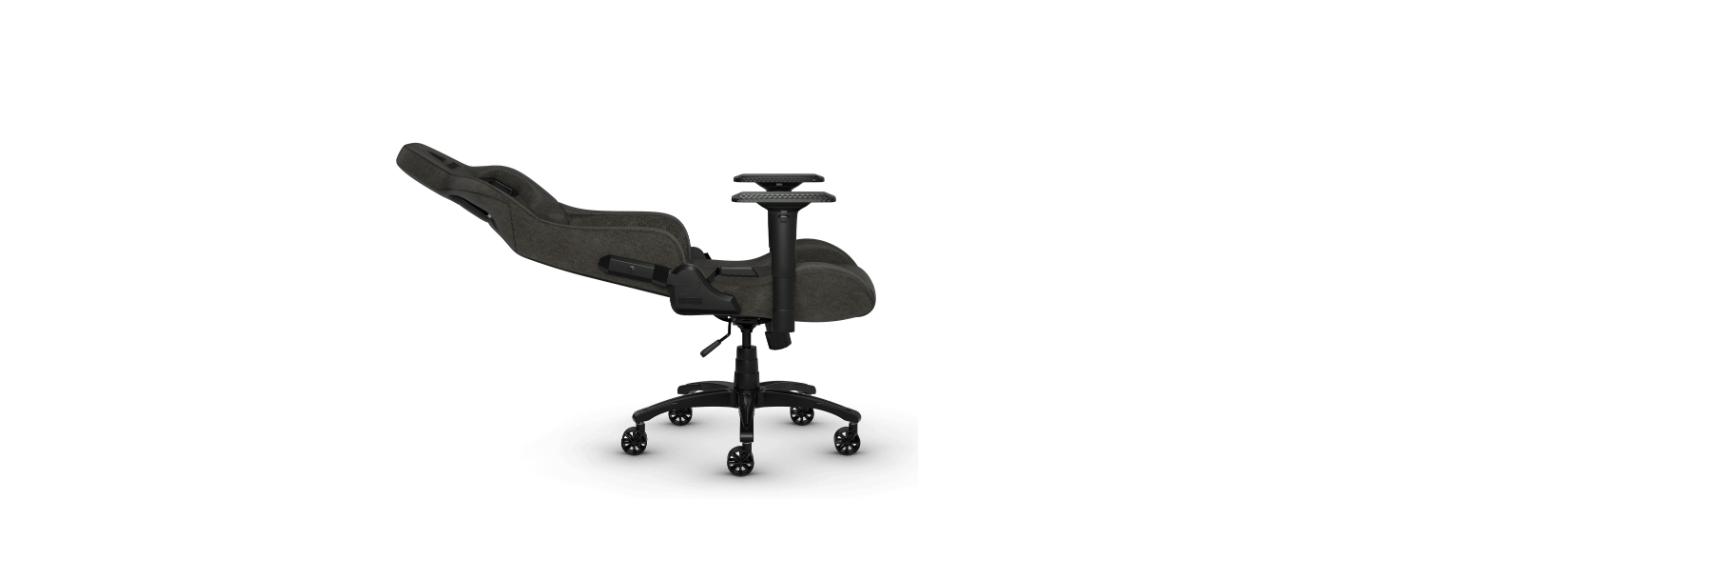 Ghế Game Corsair T3 RUSH Gray-White có thể tuỳ  chỉnh vị trí ngồi